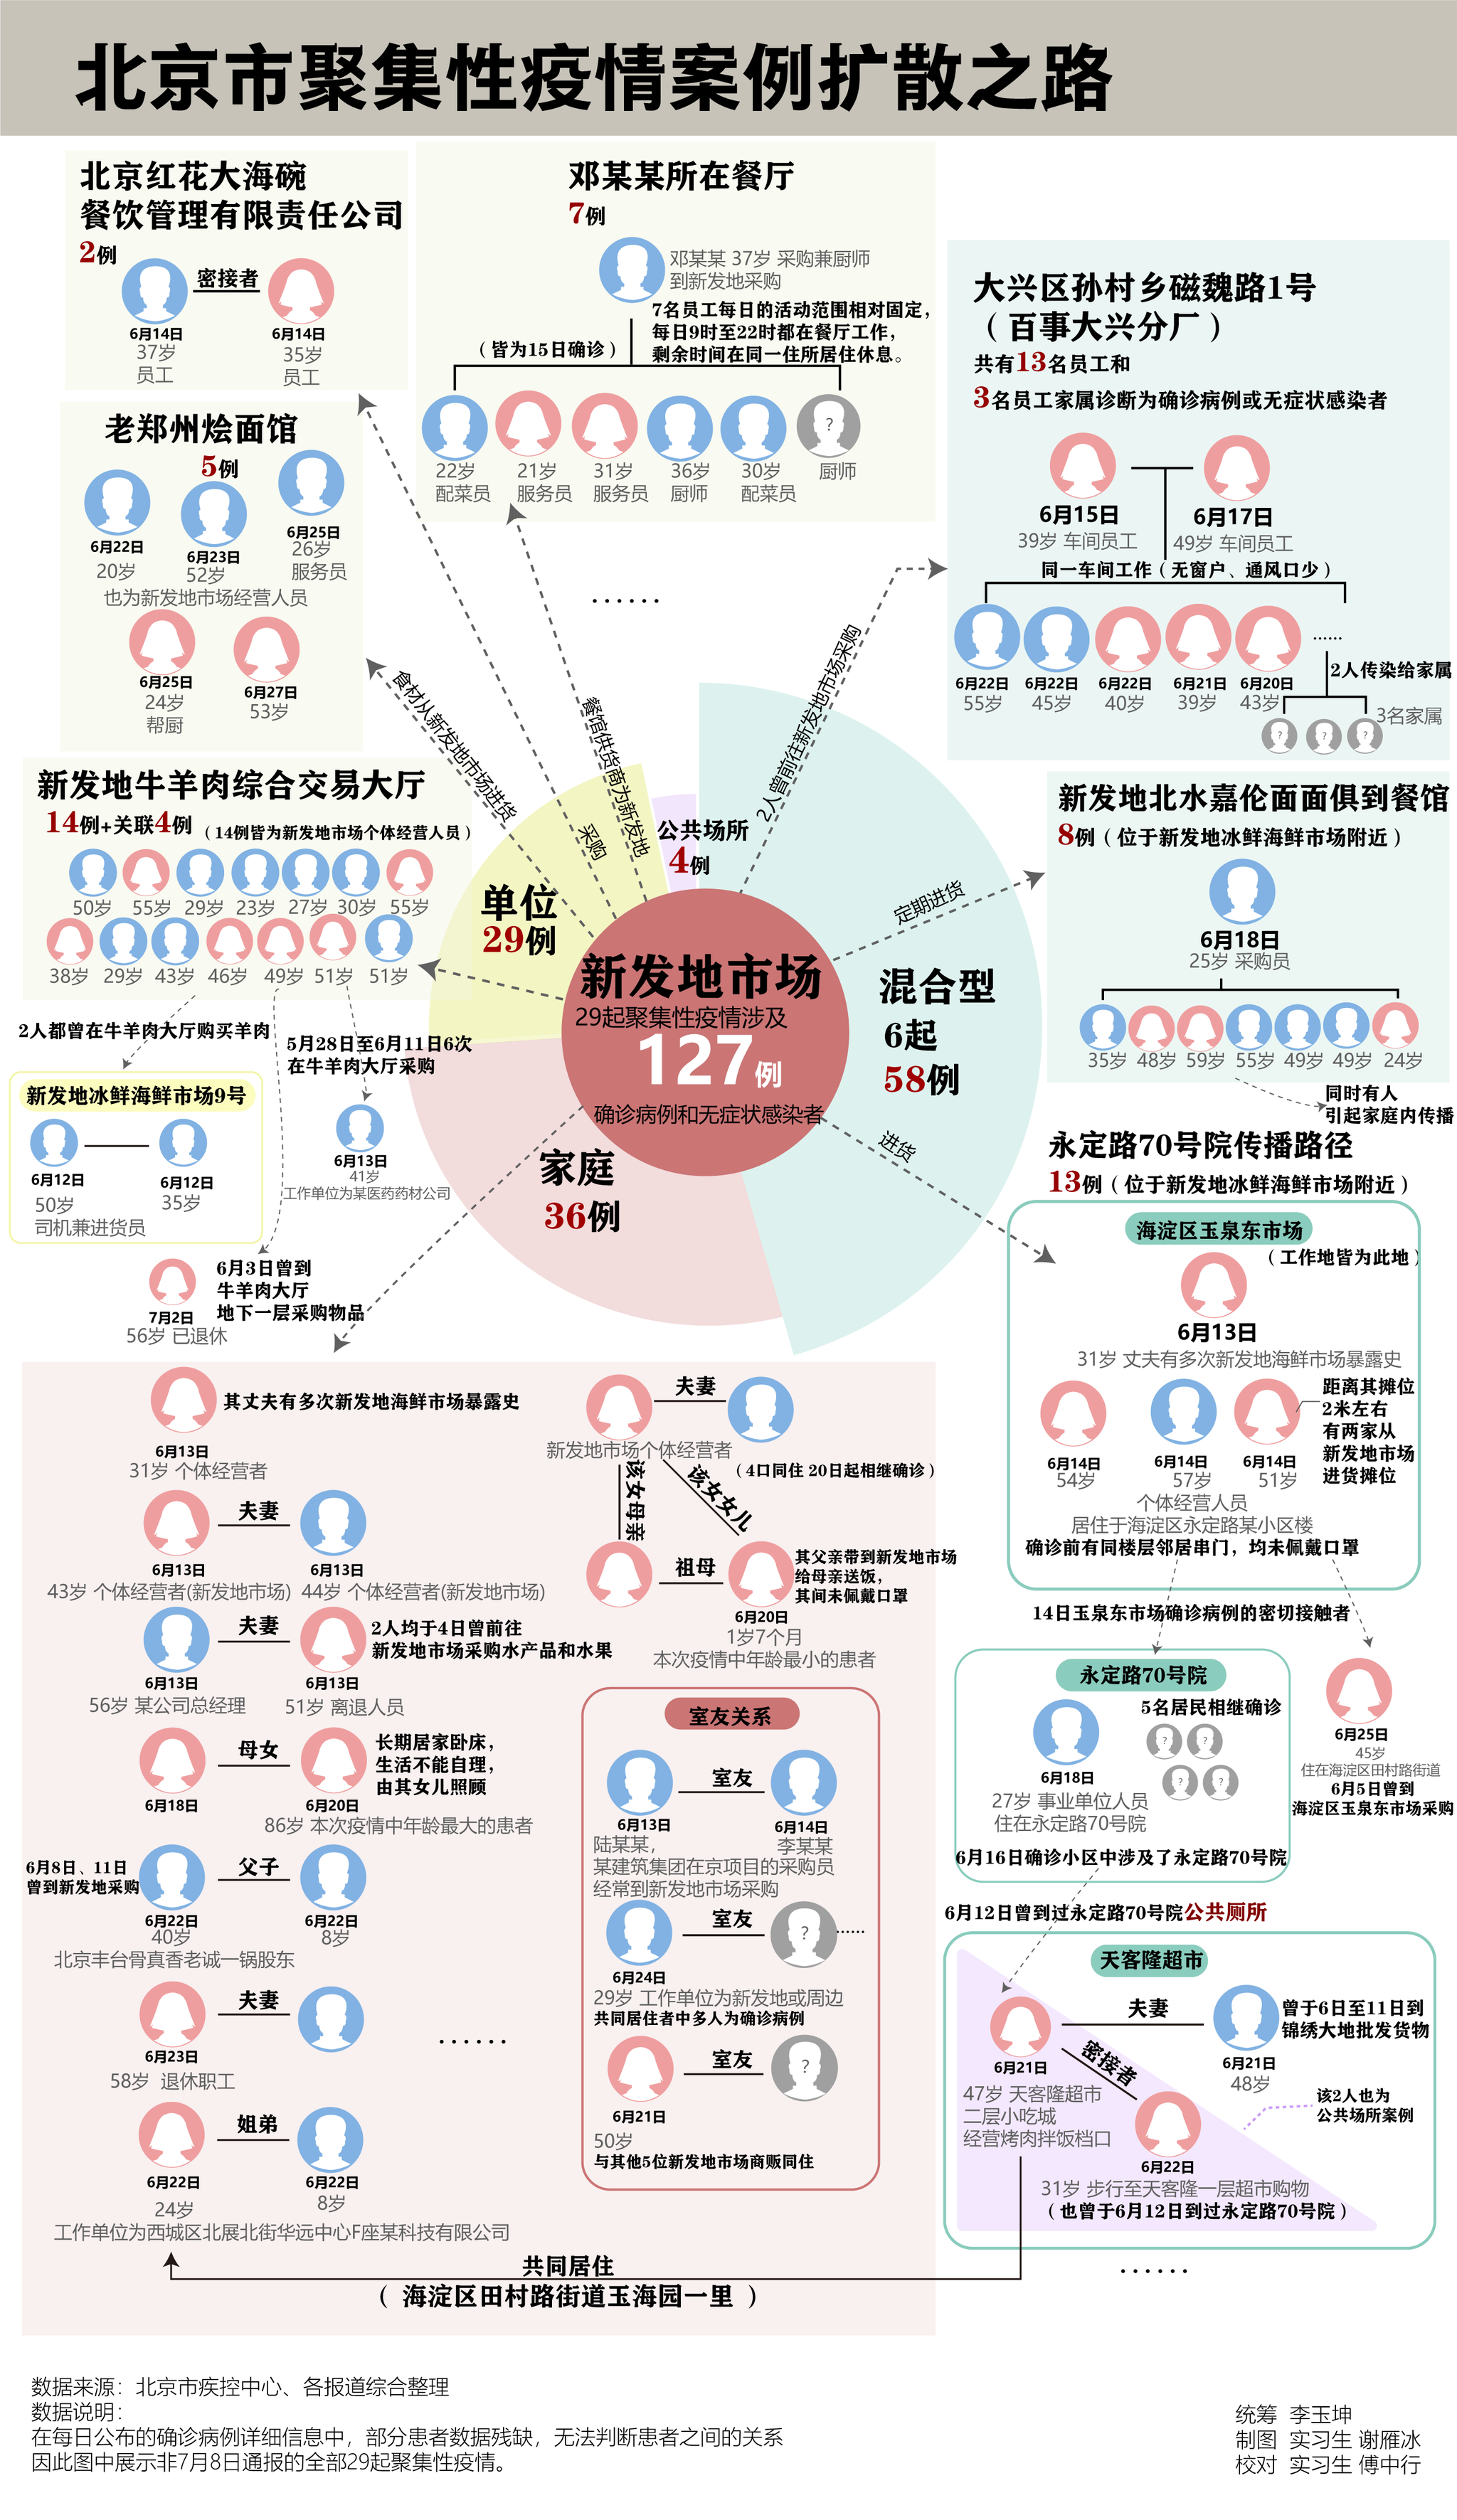 赢咖3平台:北京聚集性疫情扩赢咖3平台散回溯出现图片